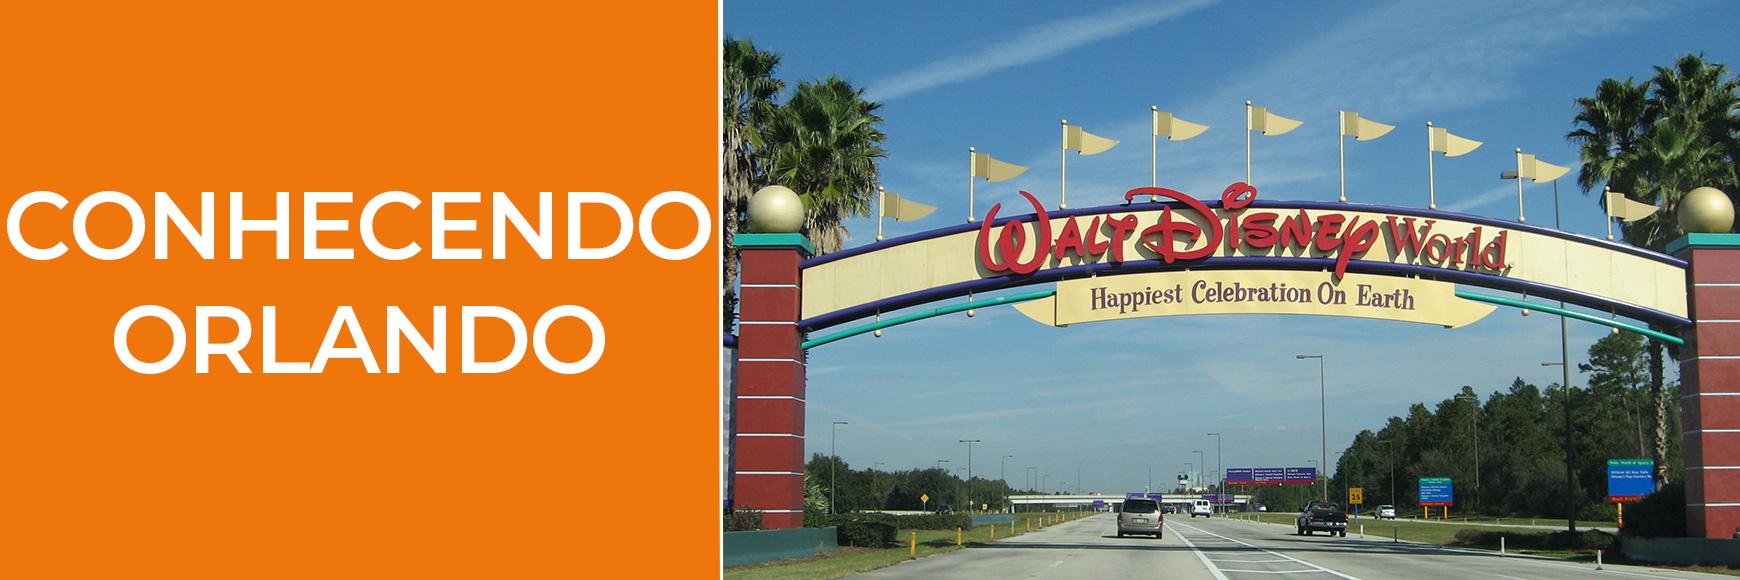 Conhecendo Orlando-Banner-Orlando Homes Sales